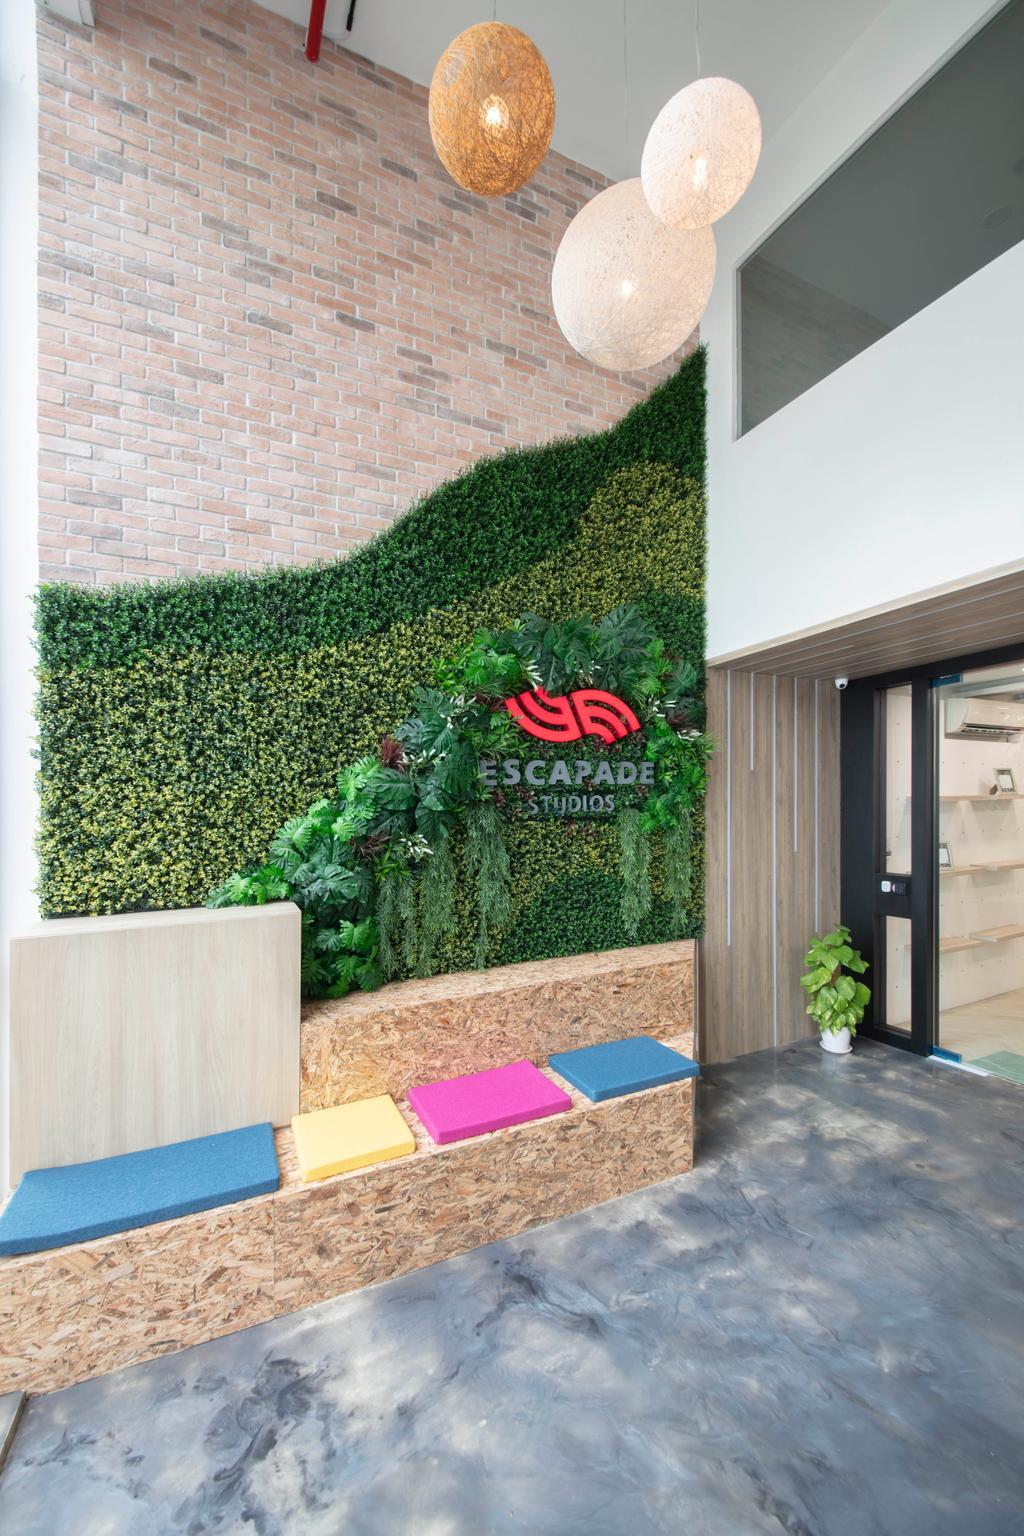 Tannery Lane, Commercial, Interior Designer, Escapade Studios, Contemporary, Scandinavian